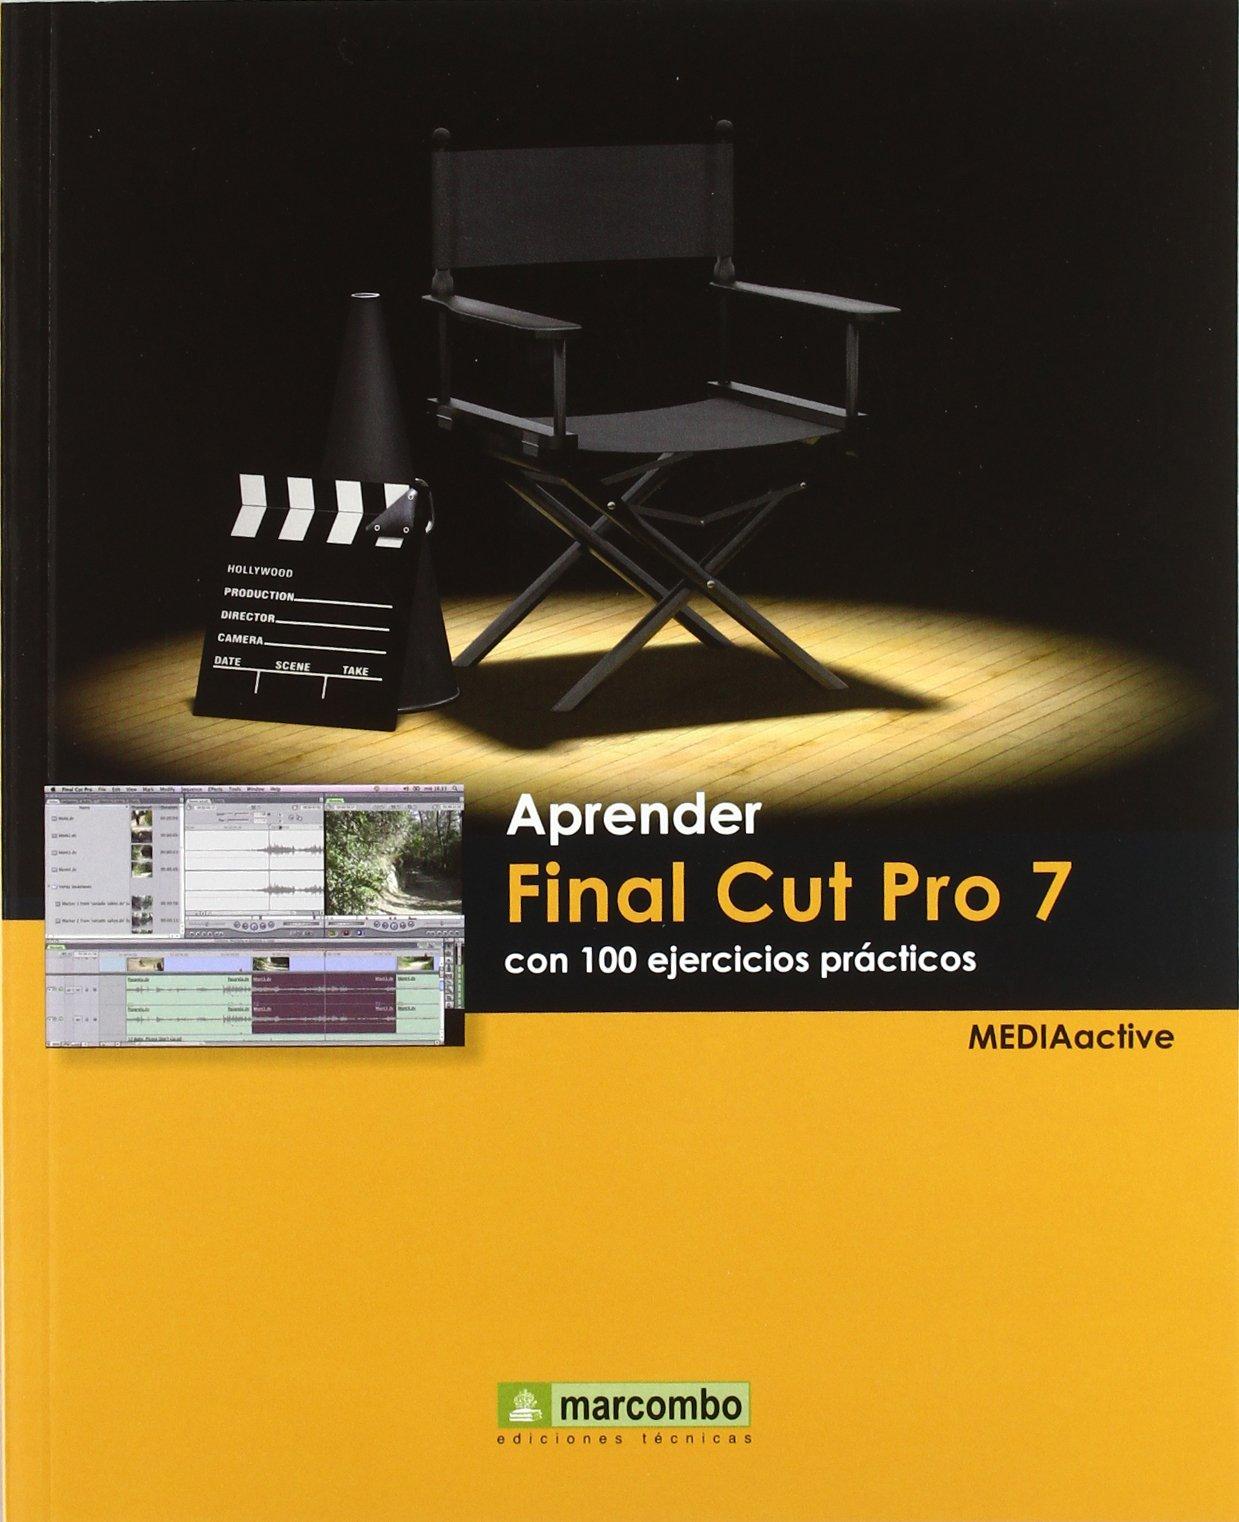 Aprender Final Cut Pro 7 con 100 ejercicios prácticos ebook